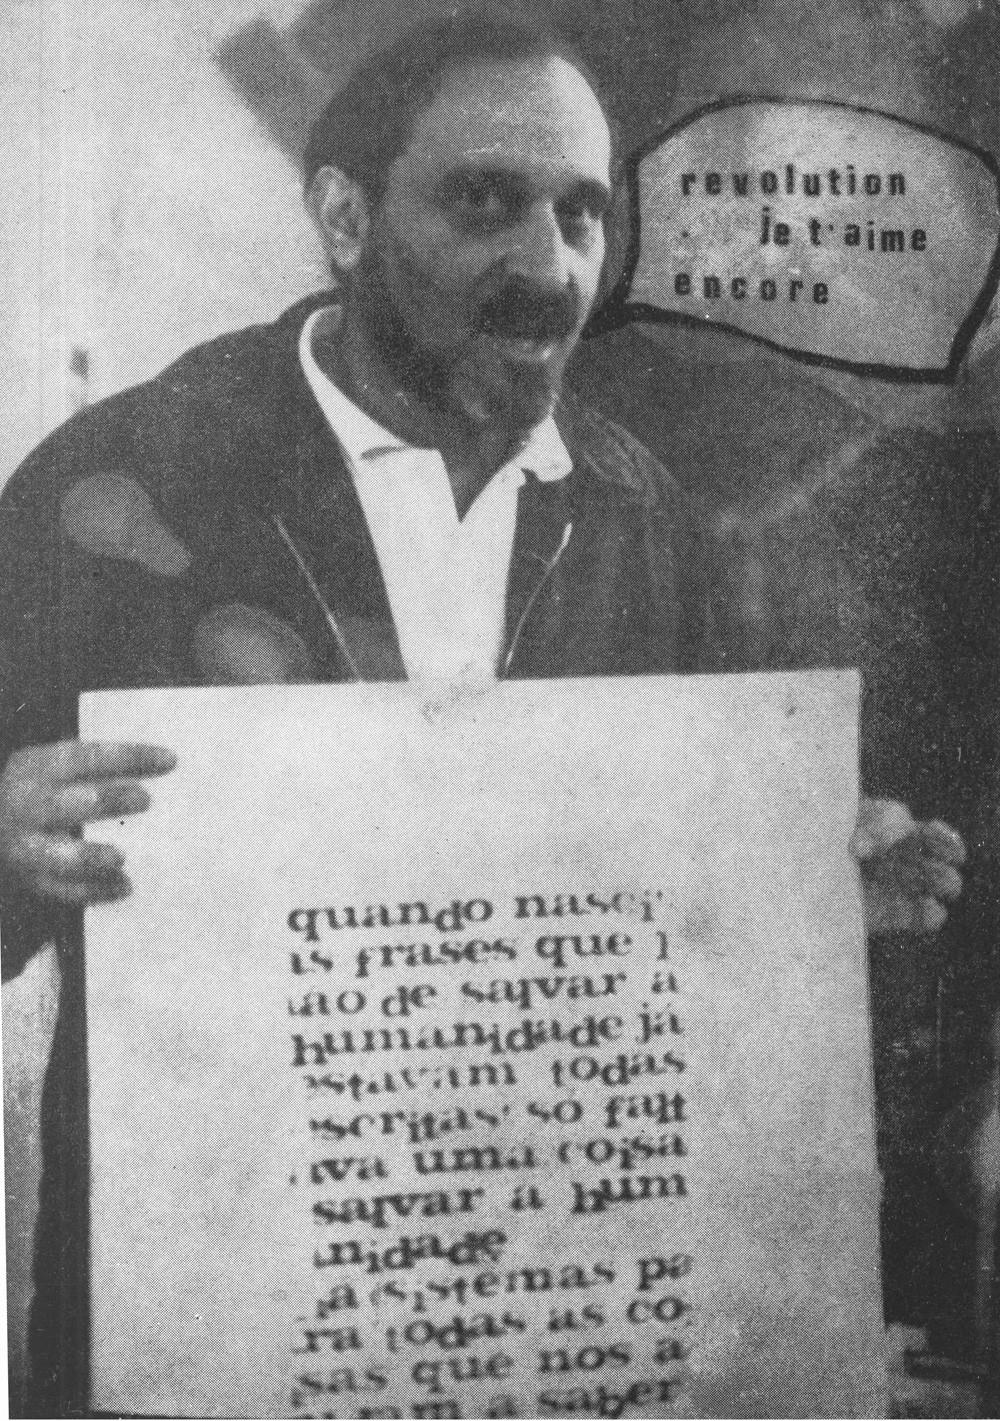 A Revolução como Obra de Arte [Nós Não Estamos Algures], postal, impressão offset, 15 × 10.5 cm, 1977.